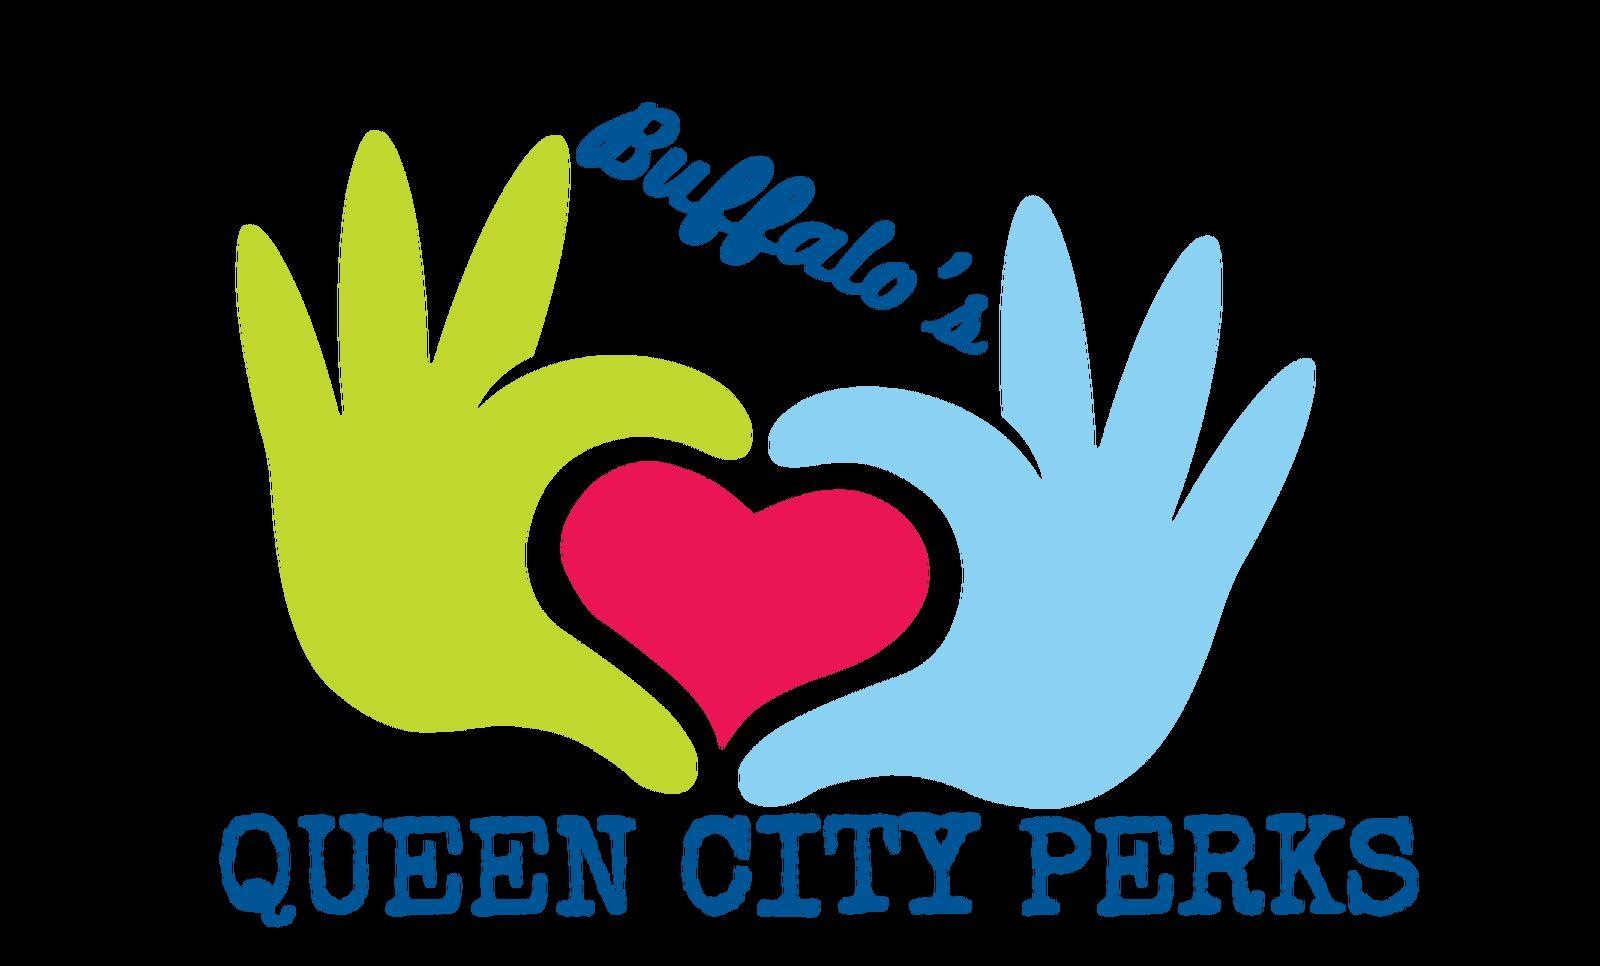 Buffalo's Queen City Perks